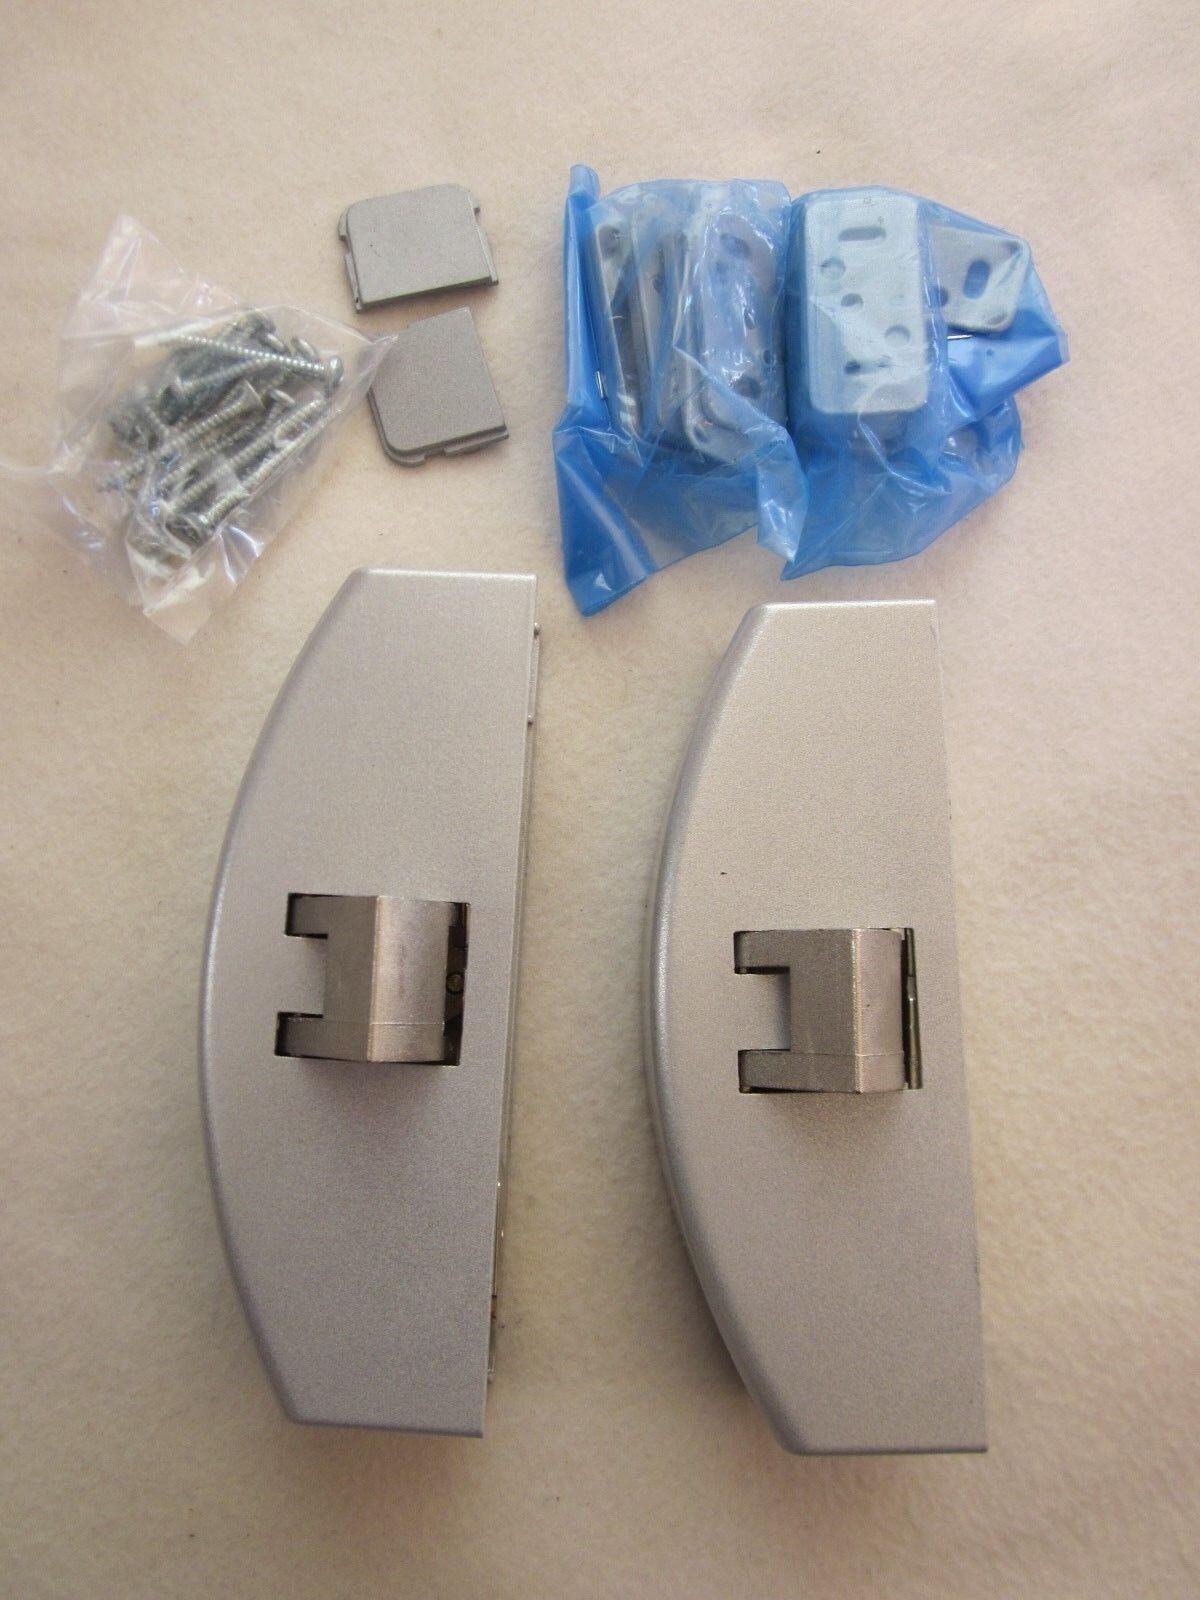 Dorma PHX 06 silber 3501422061001  | Qualifizierte Qualifizierte Qualifizierte Herstellung  | Lebendige Form  | Ausgezeichnetes Preis  | Ausgezeichneter Wert  aba12d